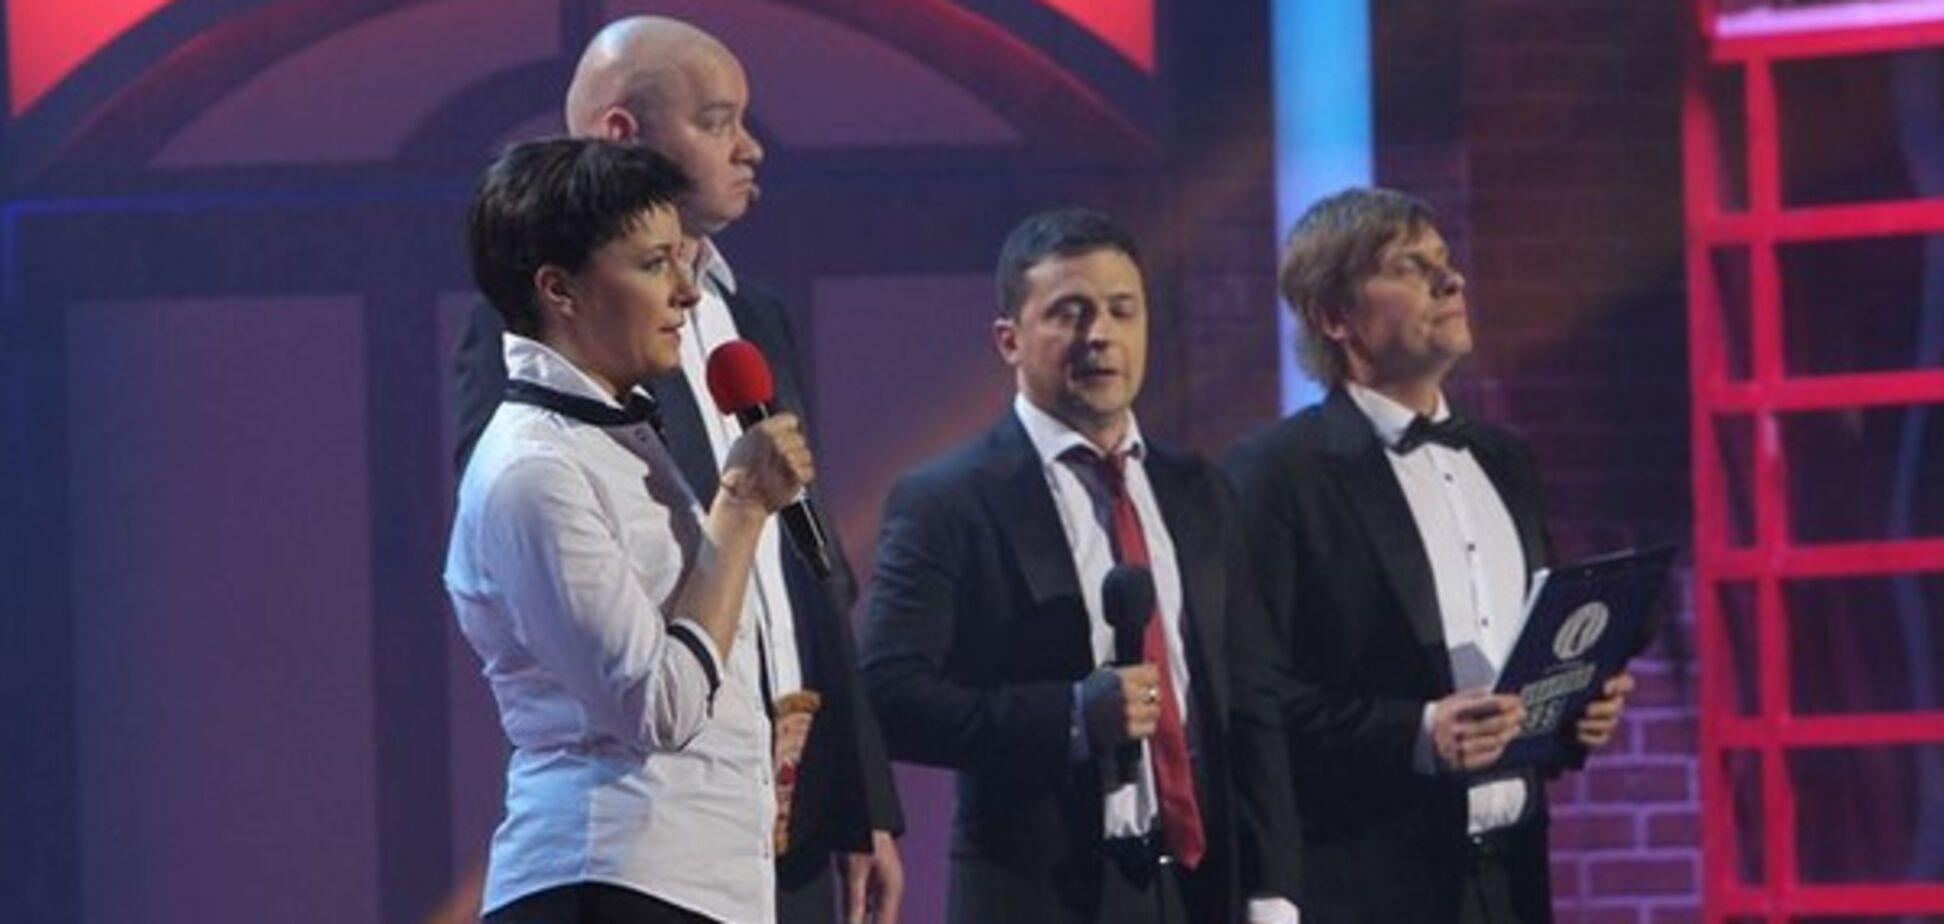 Олена Кравець у ролі Надії Савченко (95 квартал)